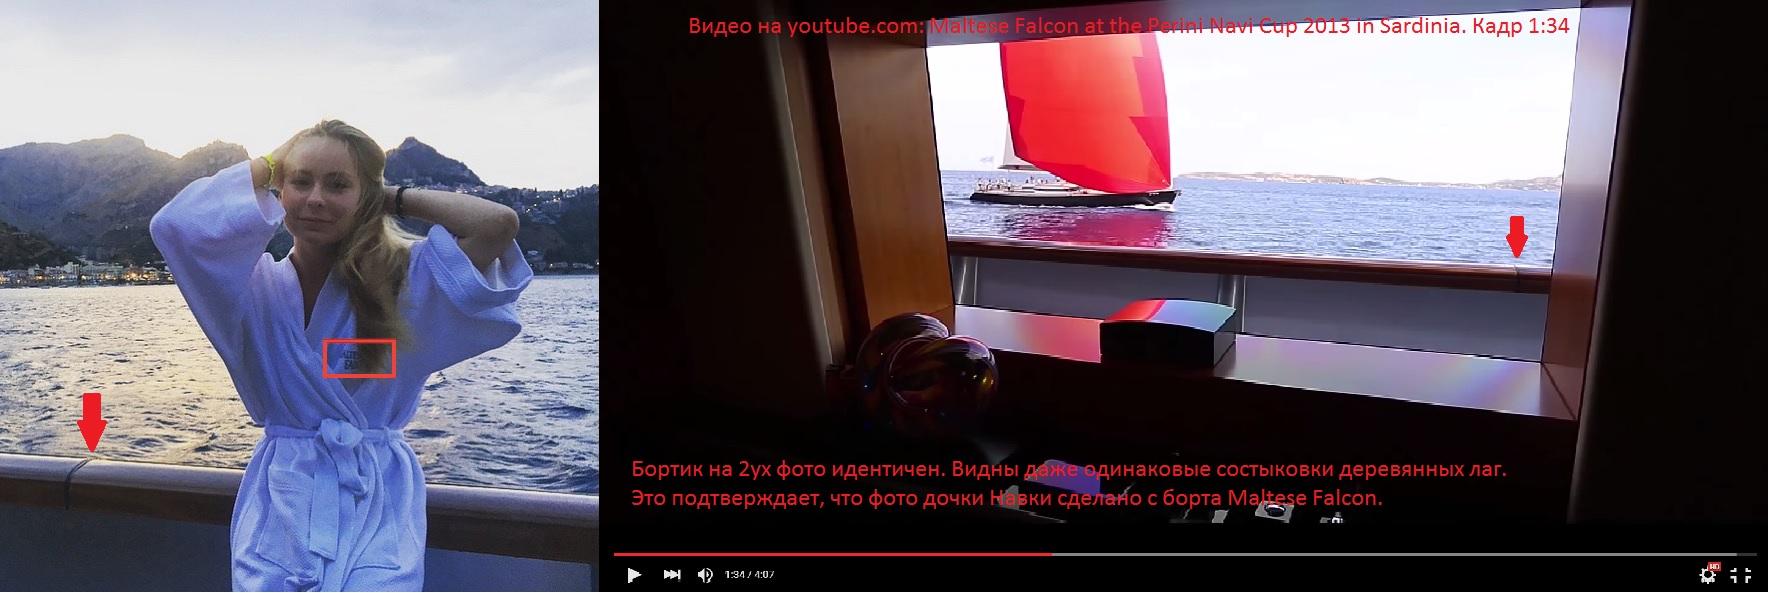 Мальтийский Сокол |  Дмитрий Песков, аренда яхты